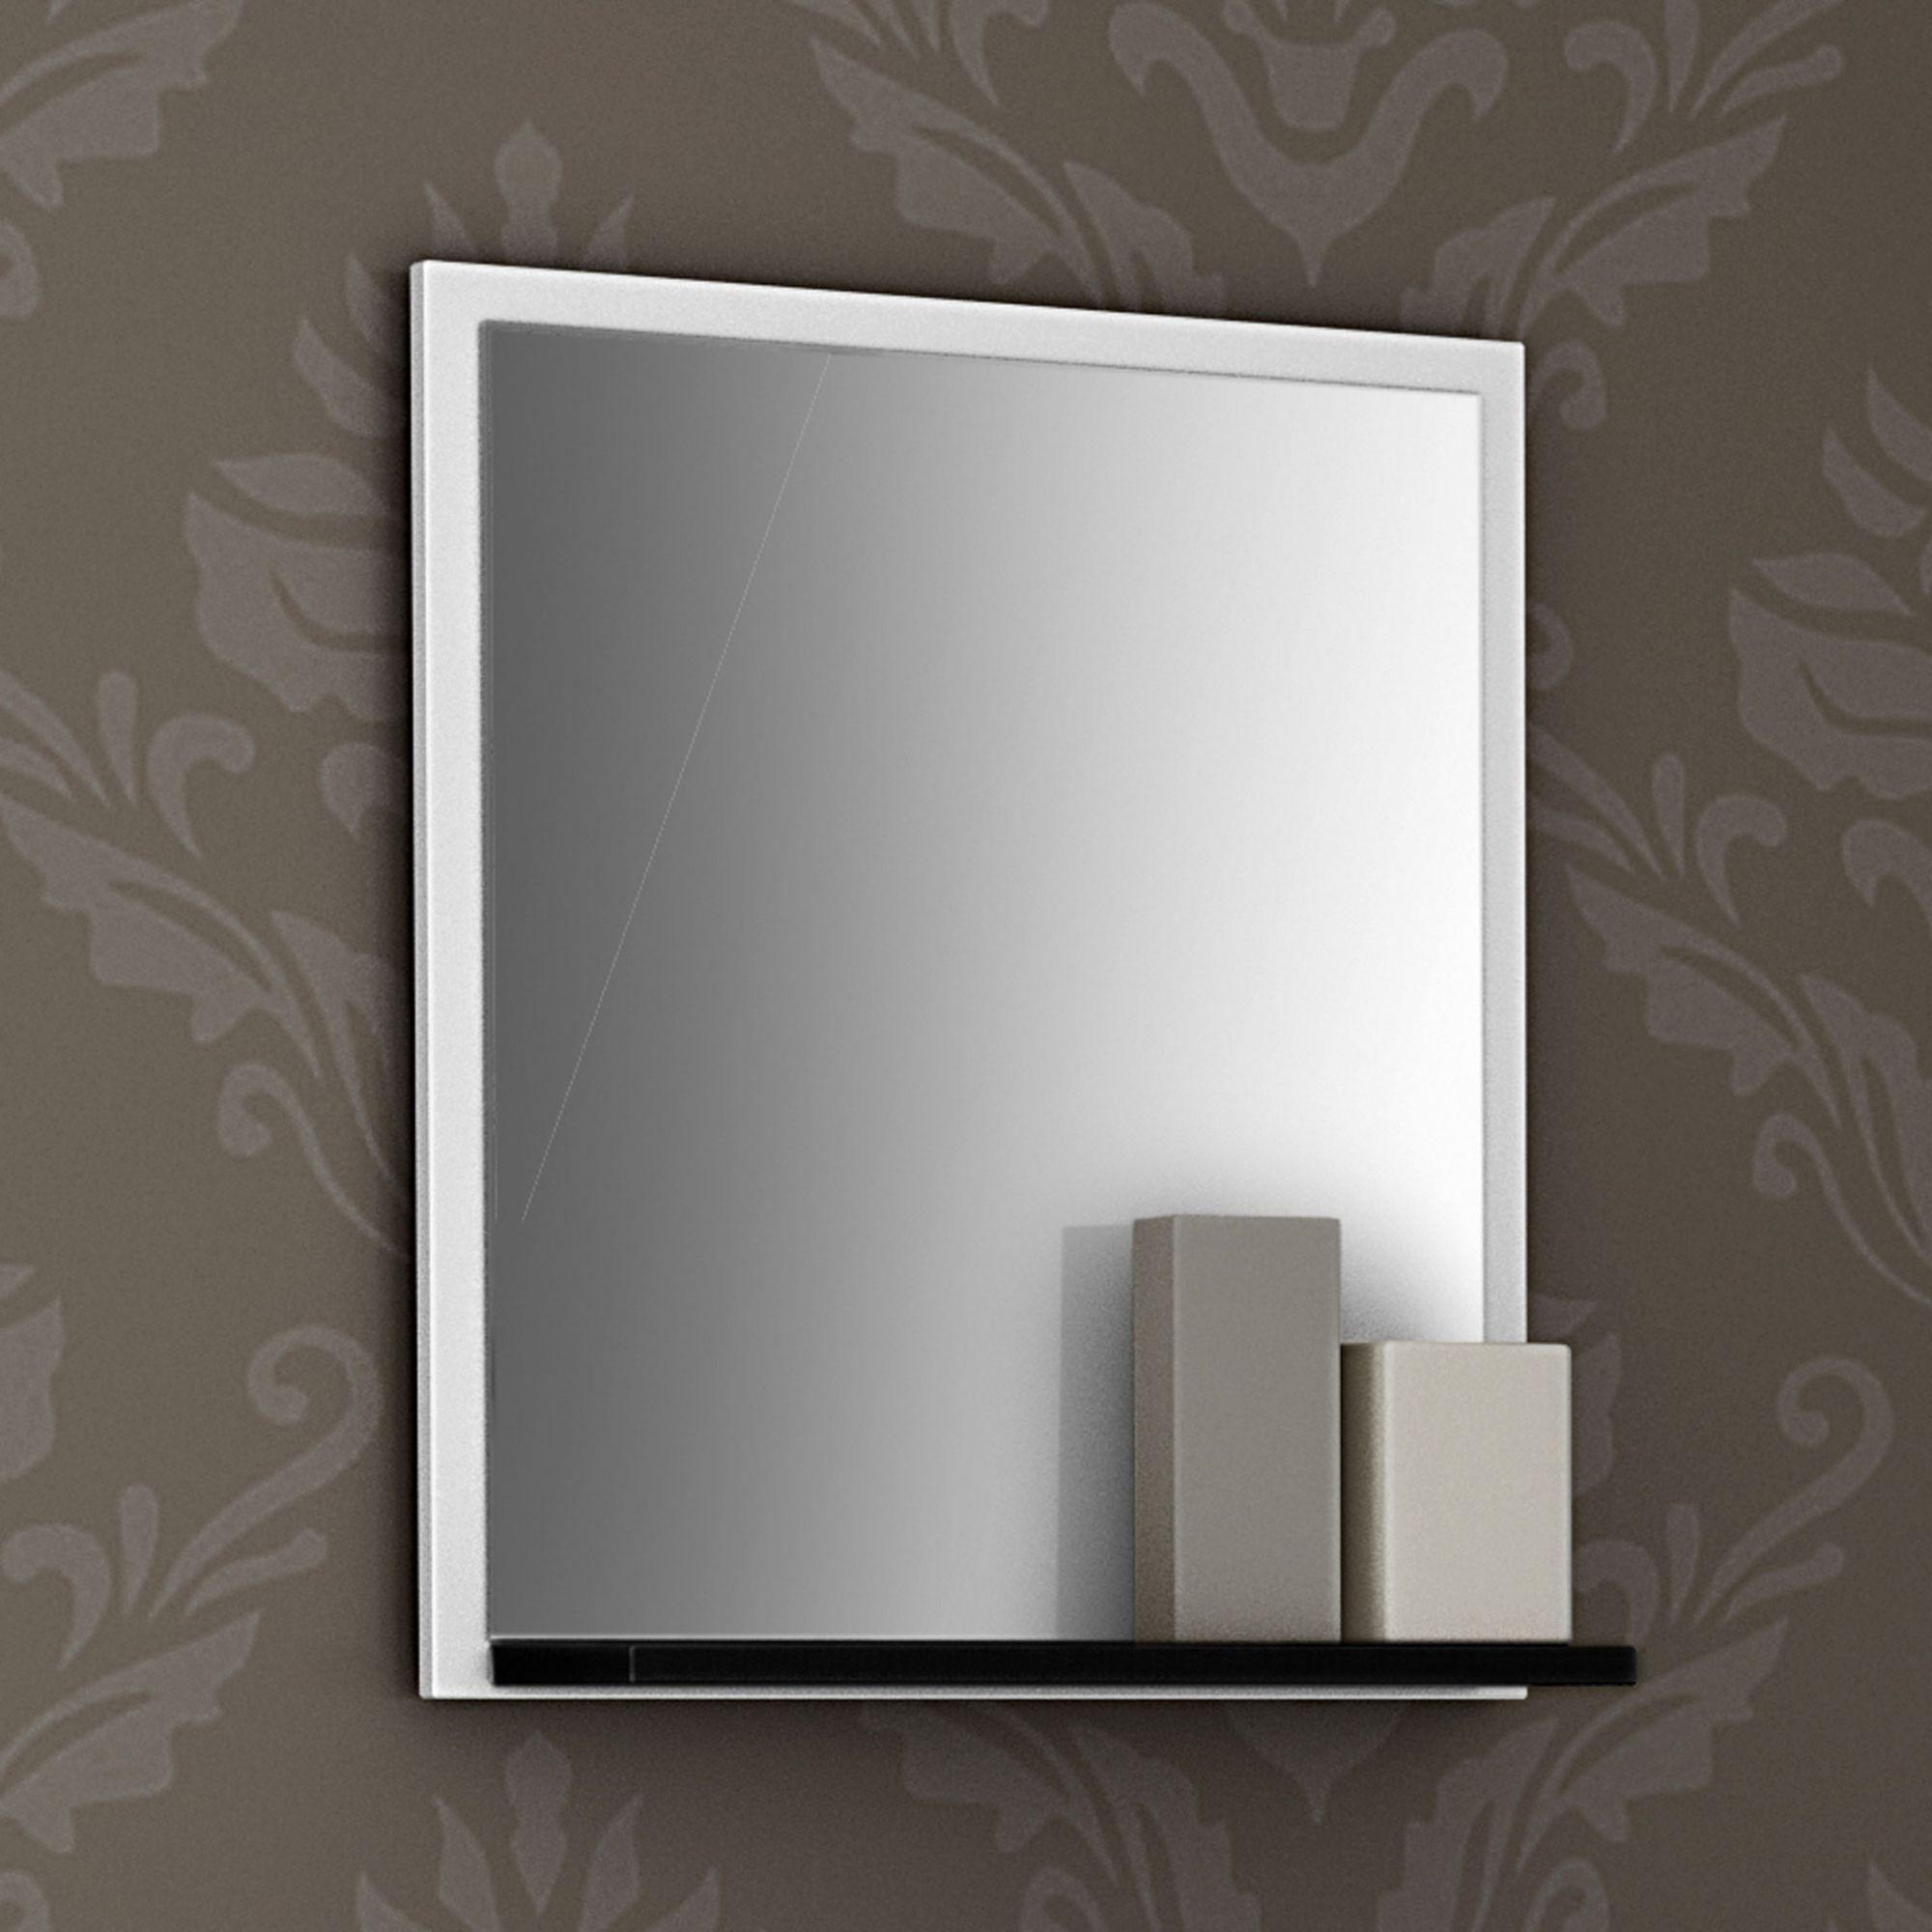 Gabinete com Espelheira Siena Branco / Preto  - Moveis Bechara